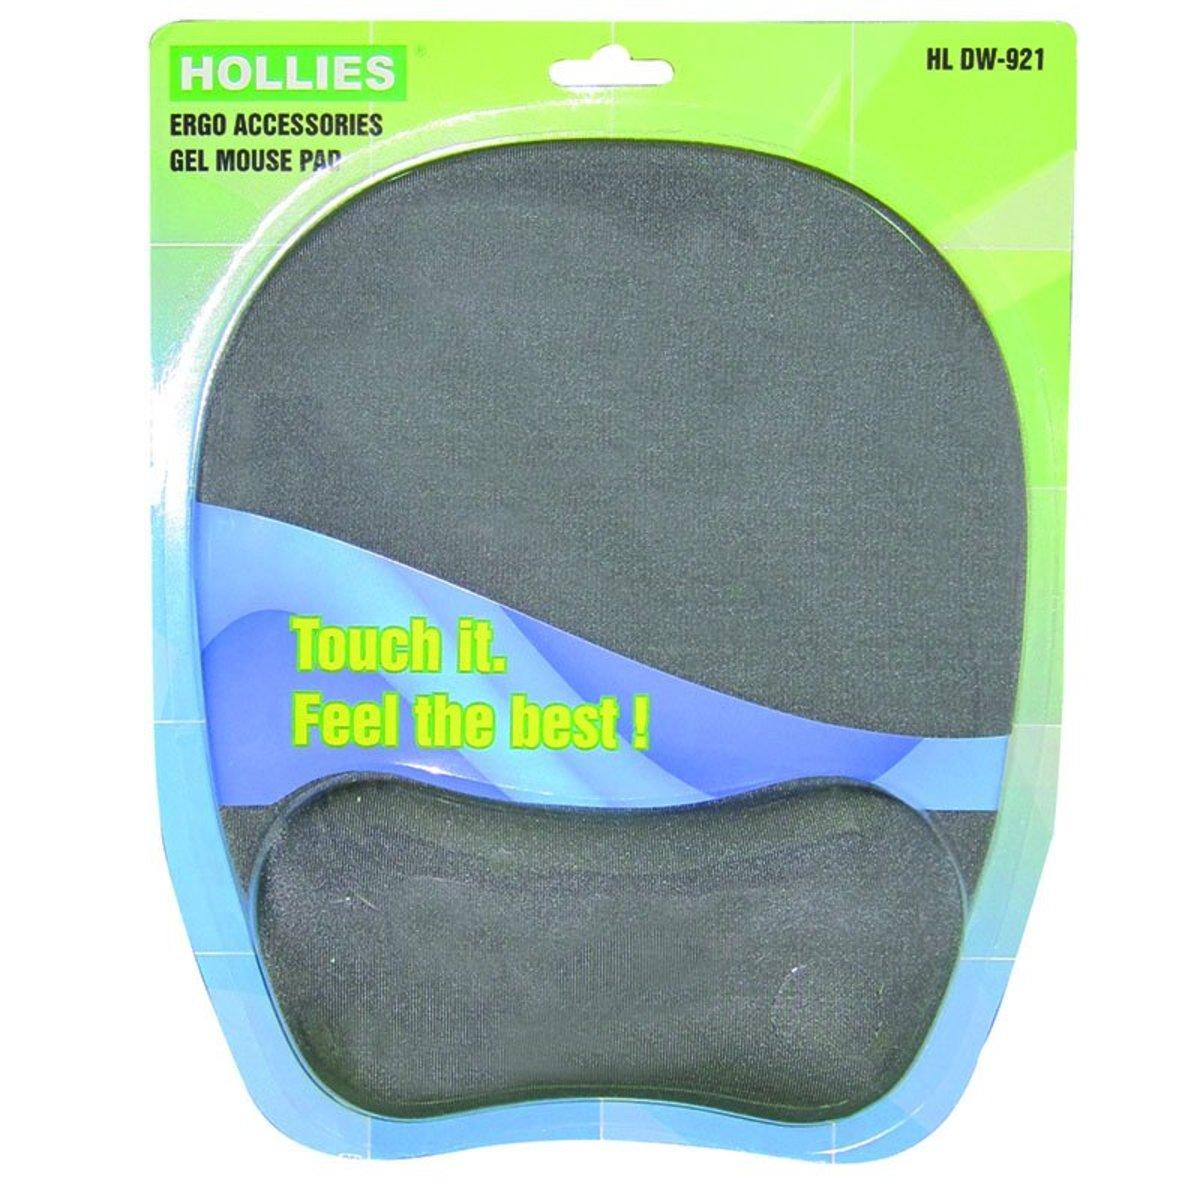 HL DW-921 Gel Mouse Pad